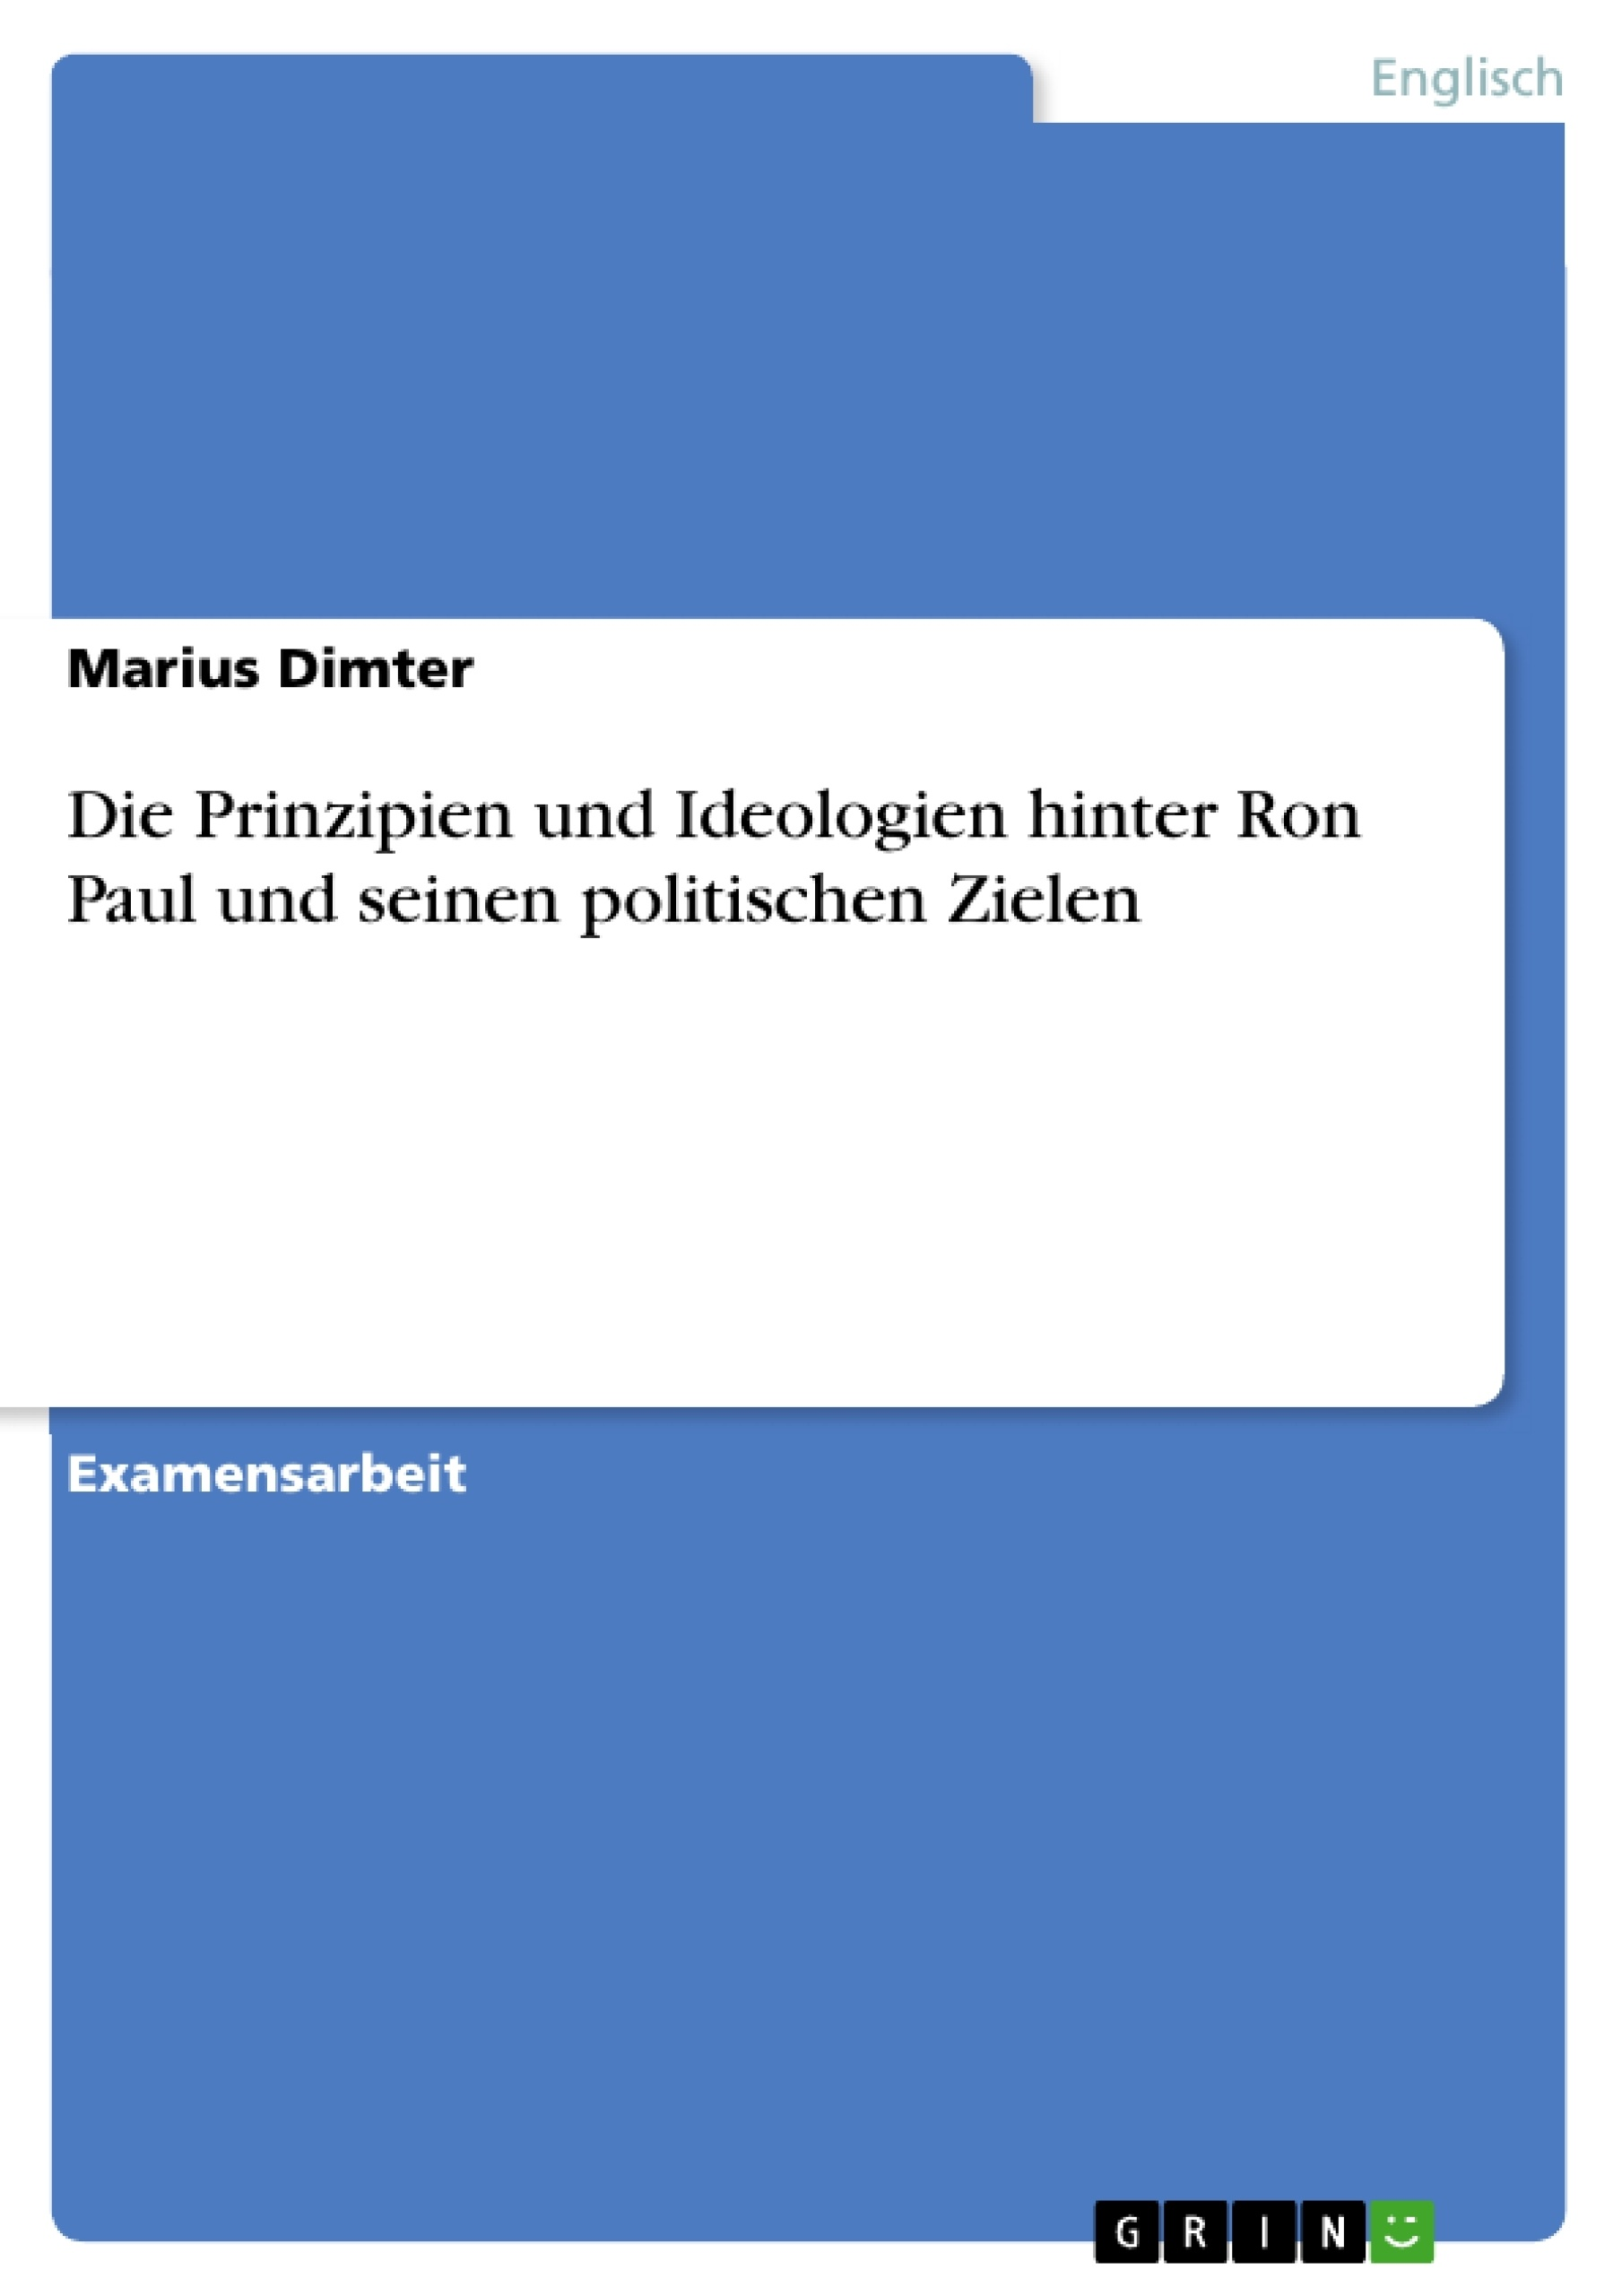 Titel: Die Prinzipien und Ideologien hinter Ron Paul und seinen politischen Zielen